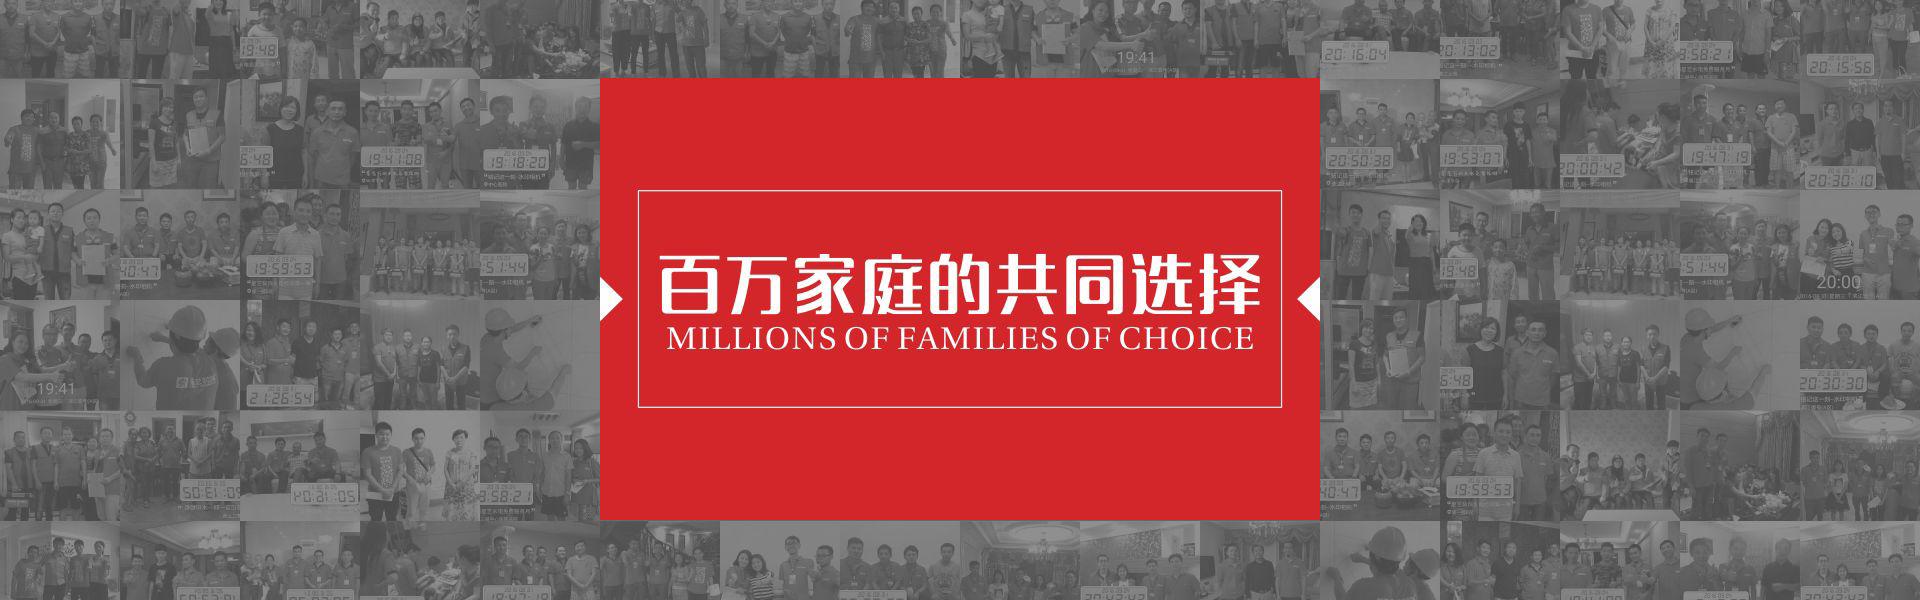 重庆家装公司为重庆一流的服务技术家装团队